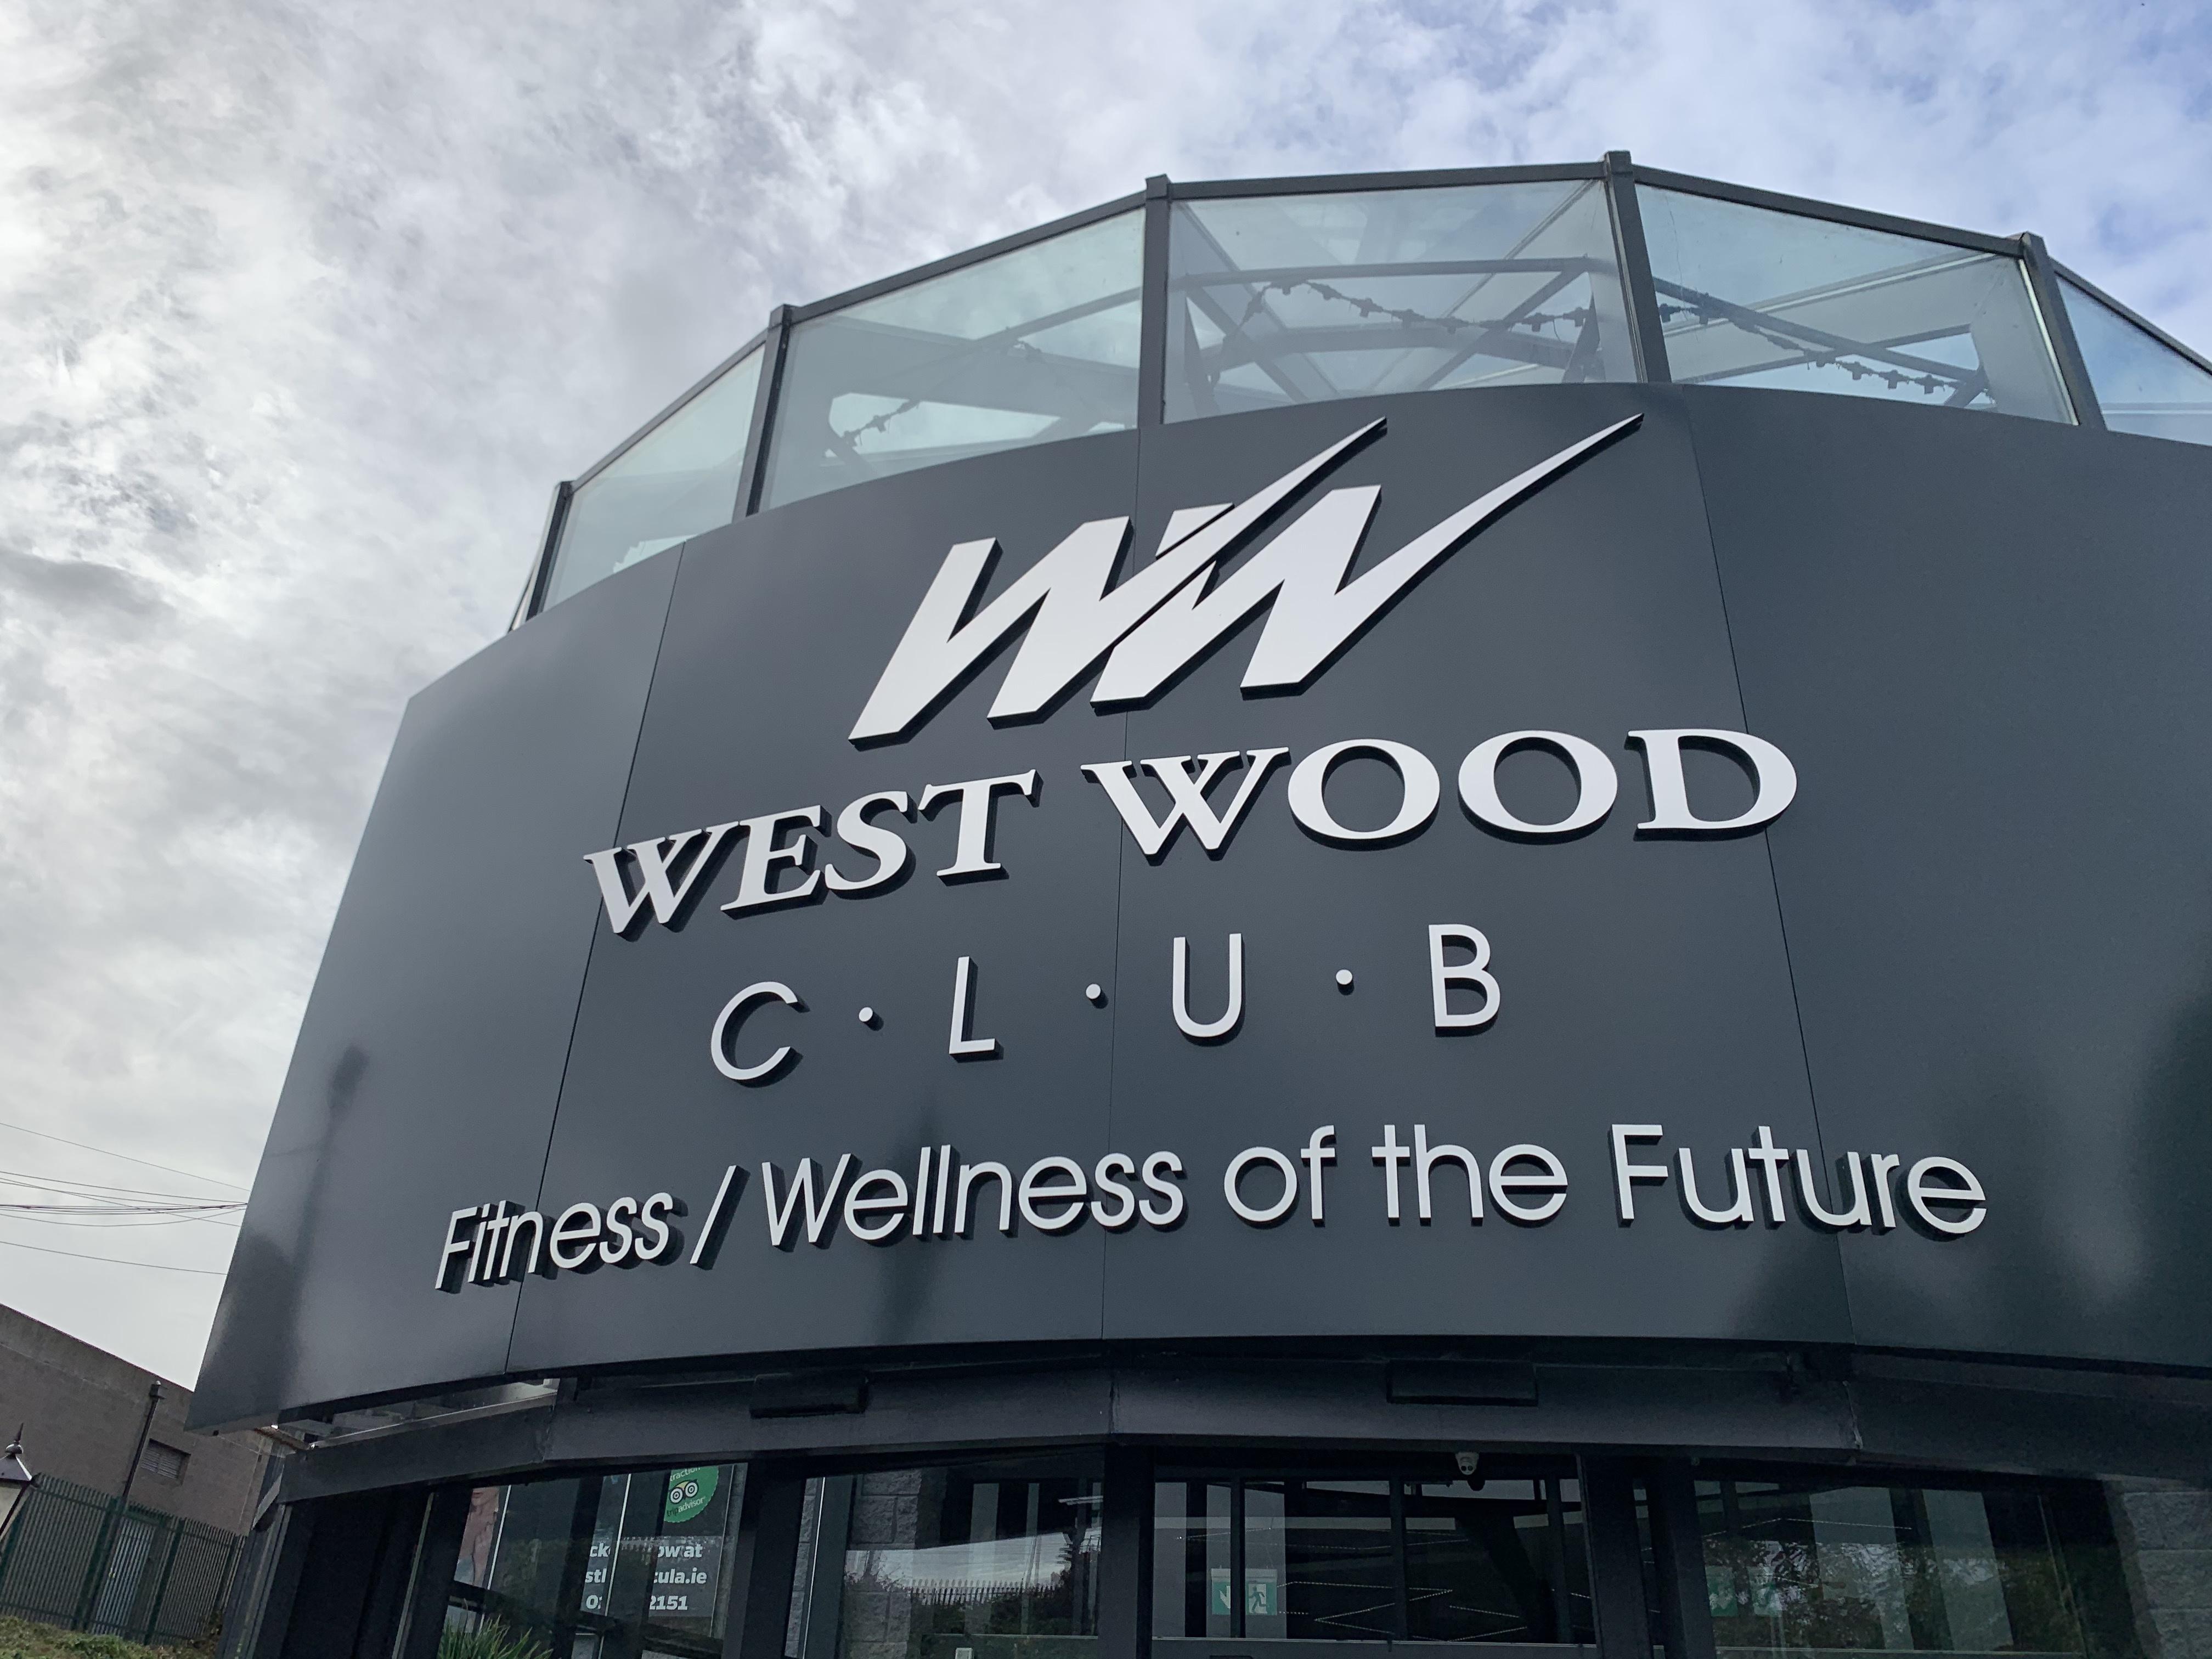 West Wood Club – Clontarf